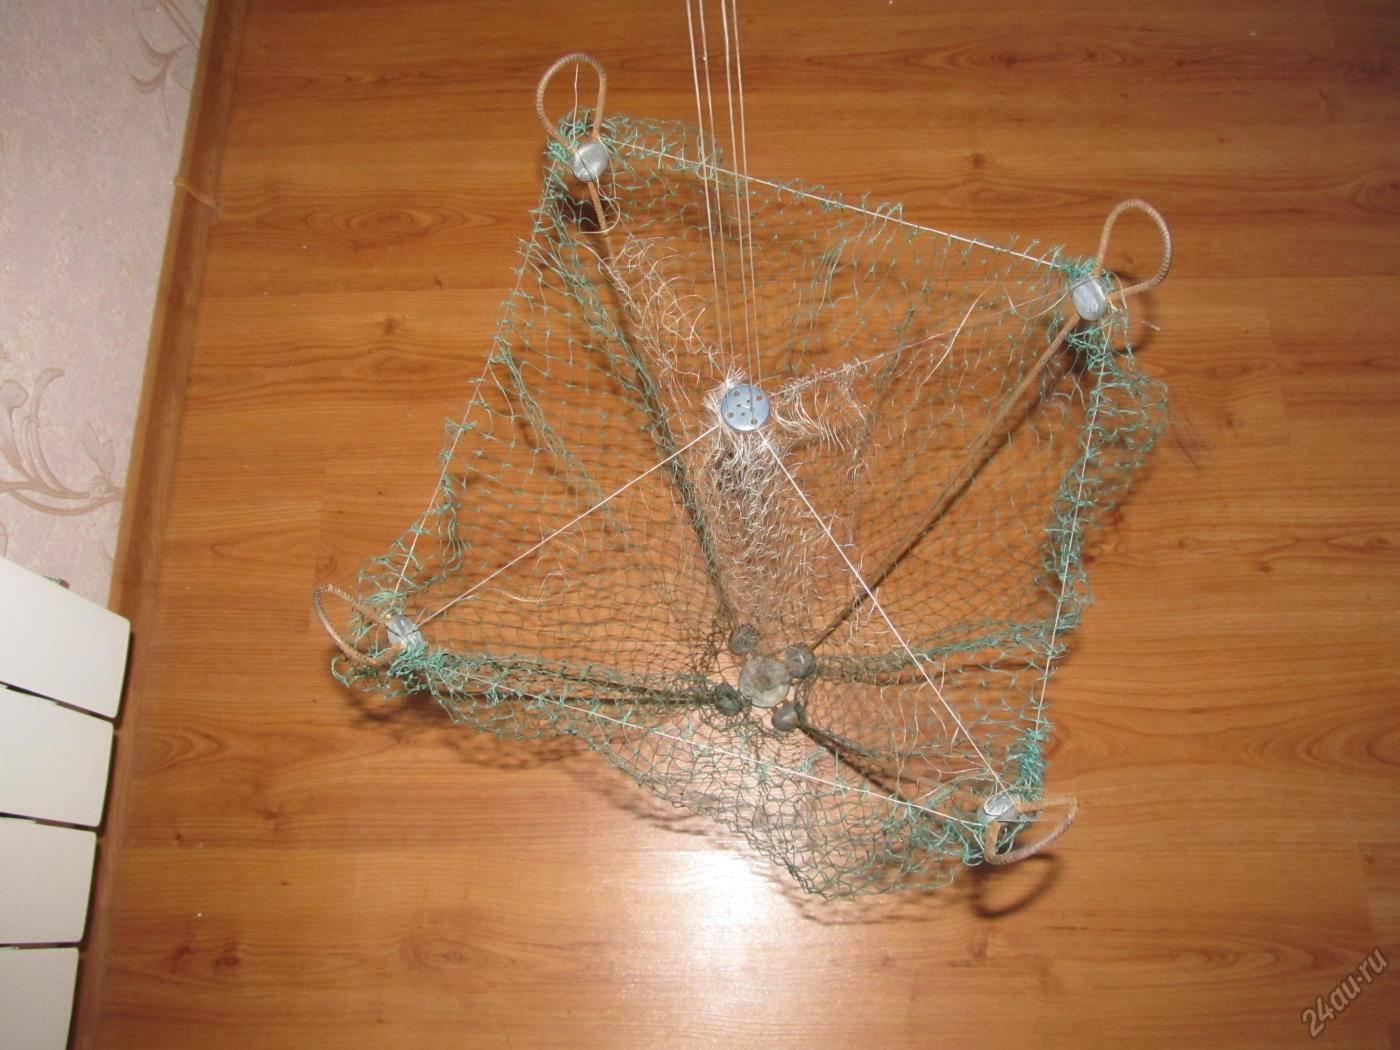 Паук для зимней рыбалки: как сделать своими руками, собрать снасть, видео, чертеж, самодельная сетка, где купить?